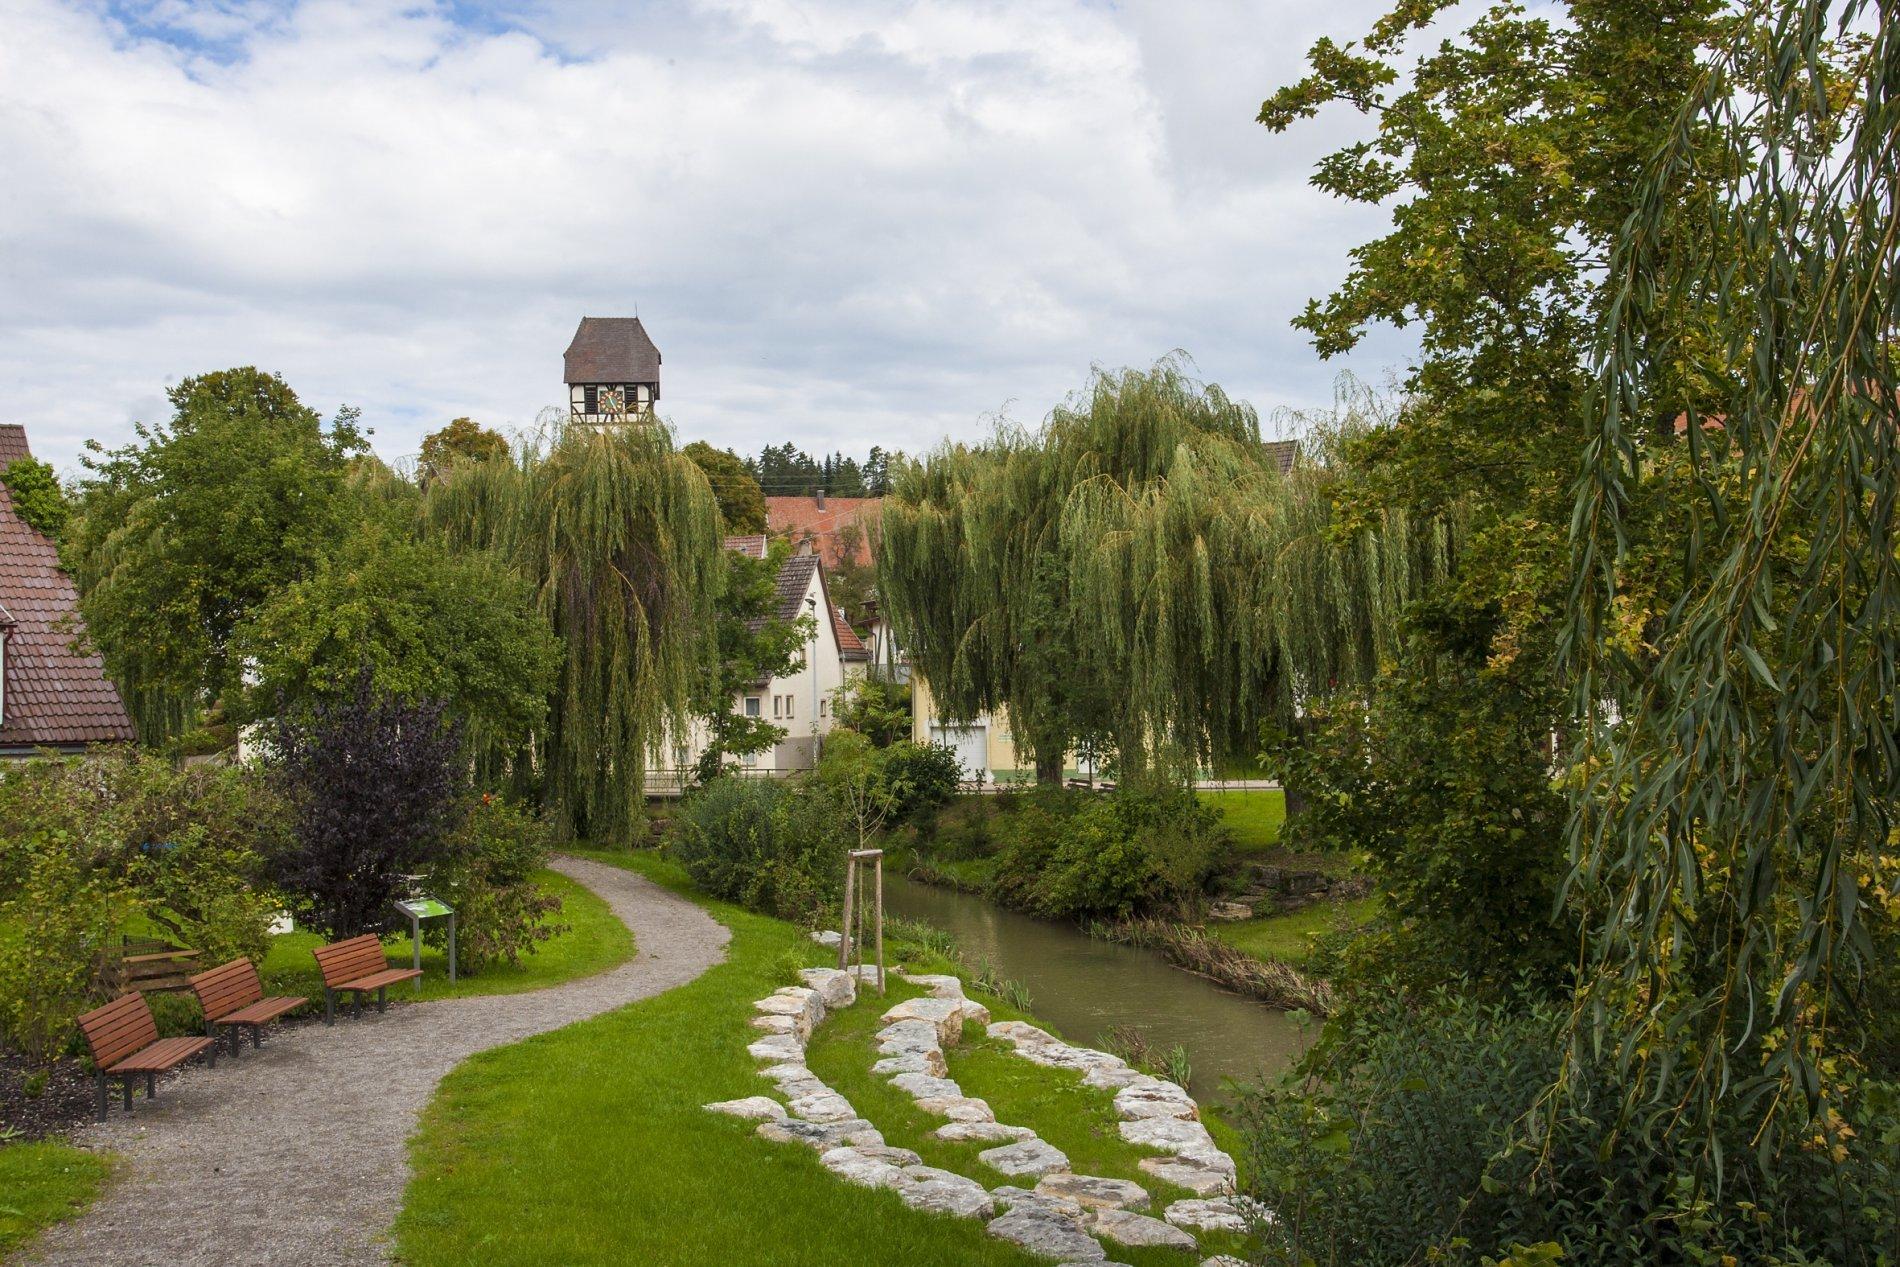 Bergbauspielplatz SchieferErlebnis Dormettingen